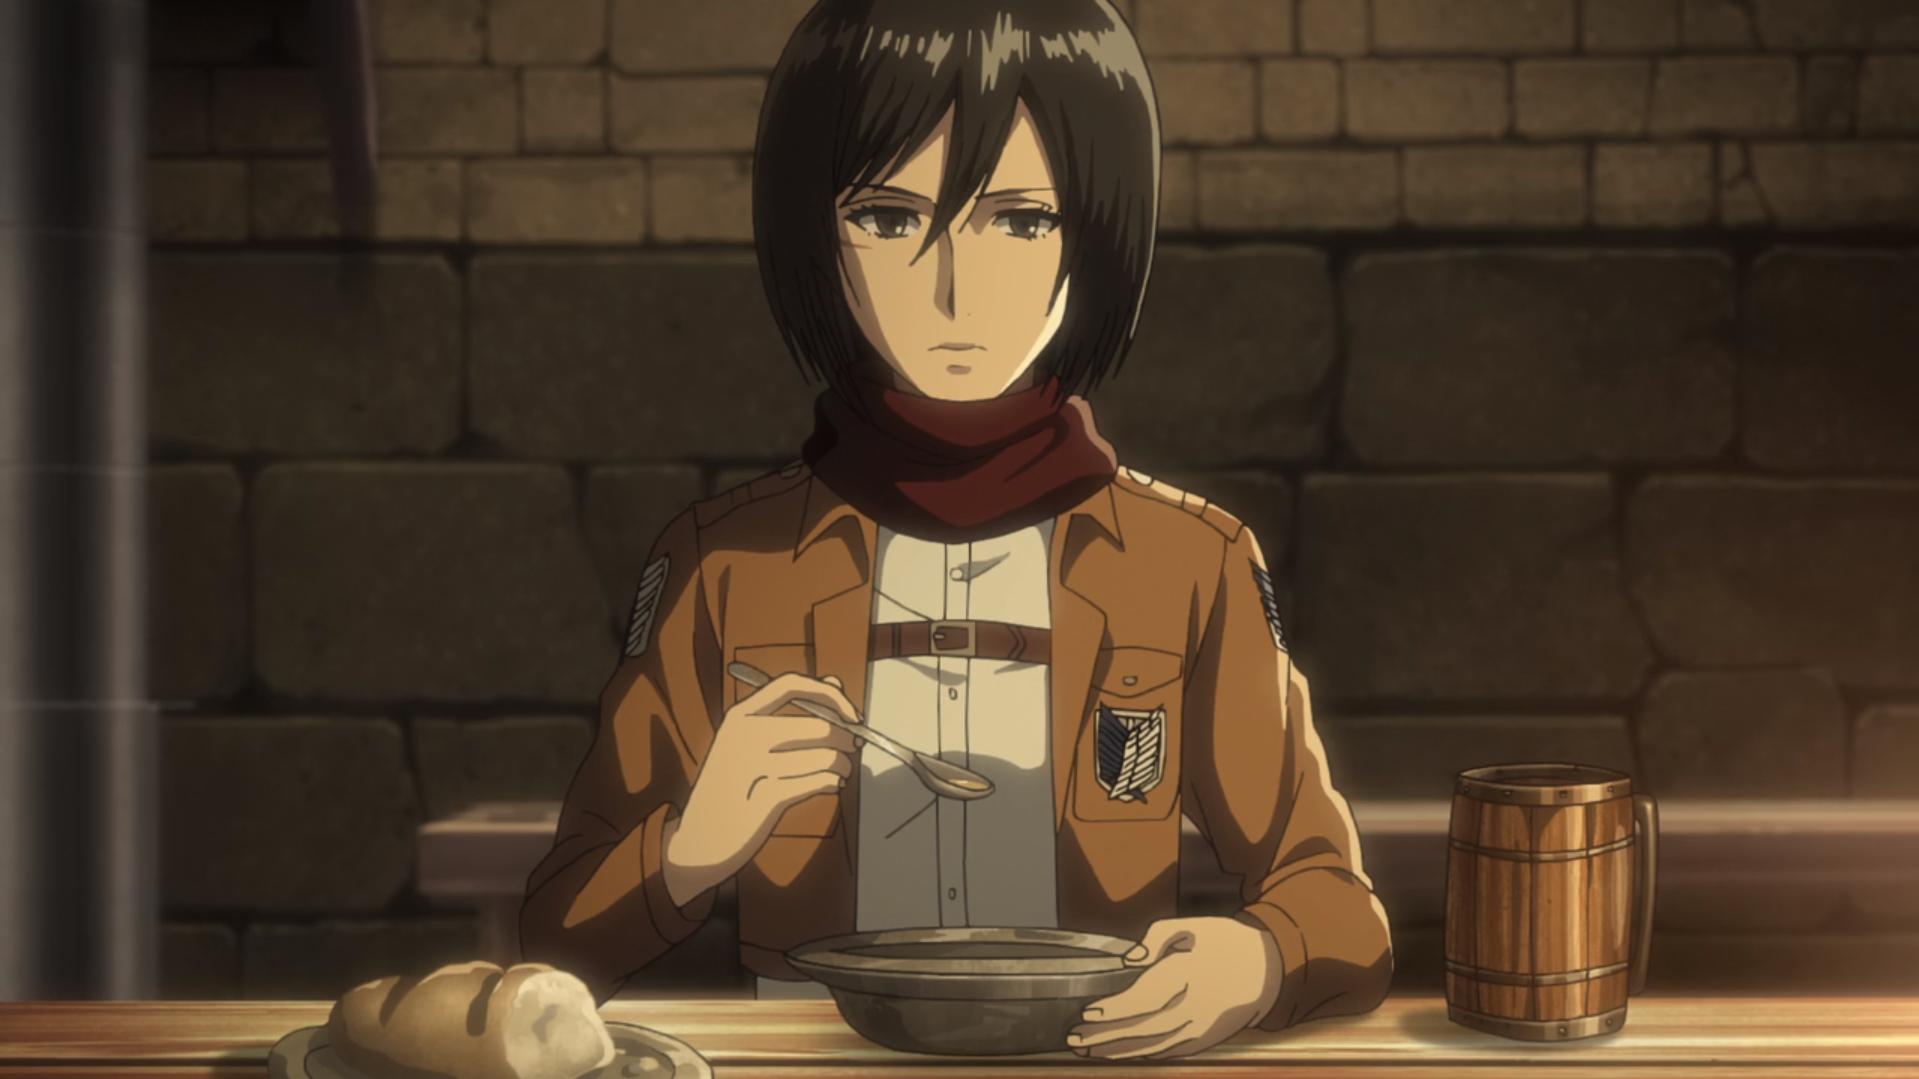 Mikasa ermahnt Eren, dass er erst reden soll, wenn er aufgegessen hat.png